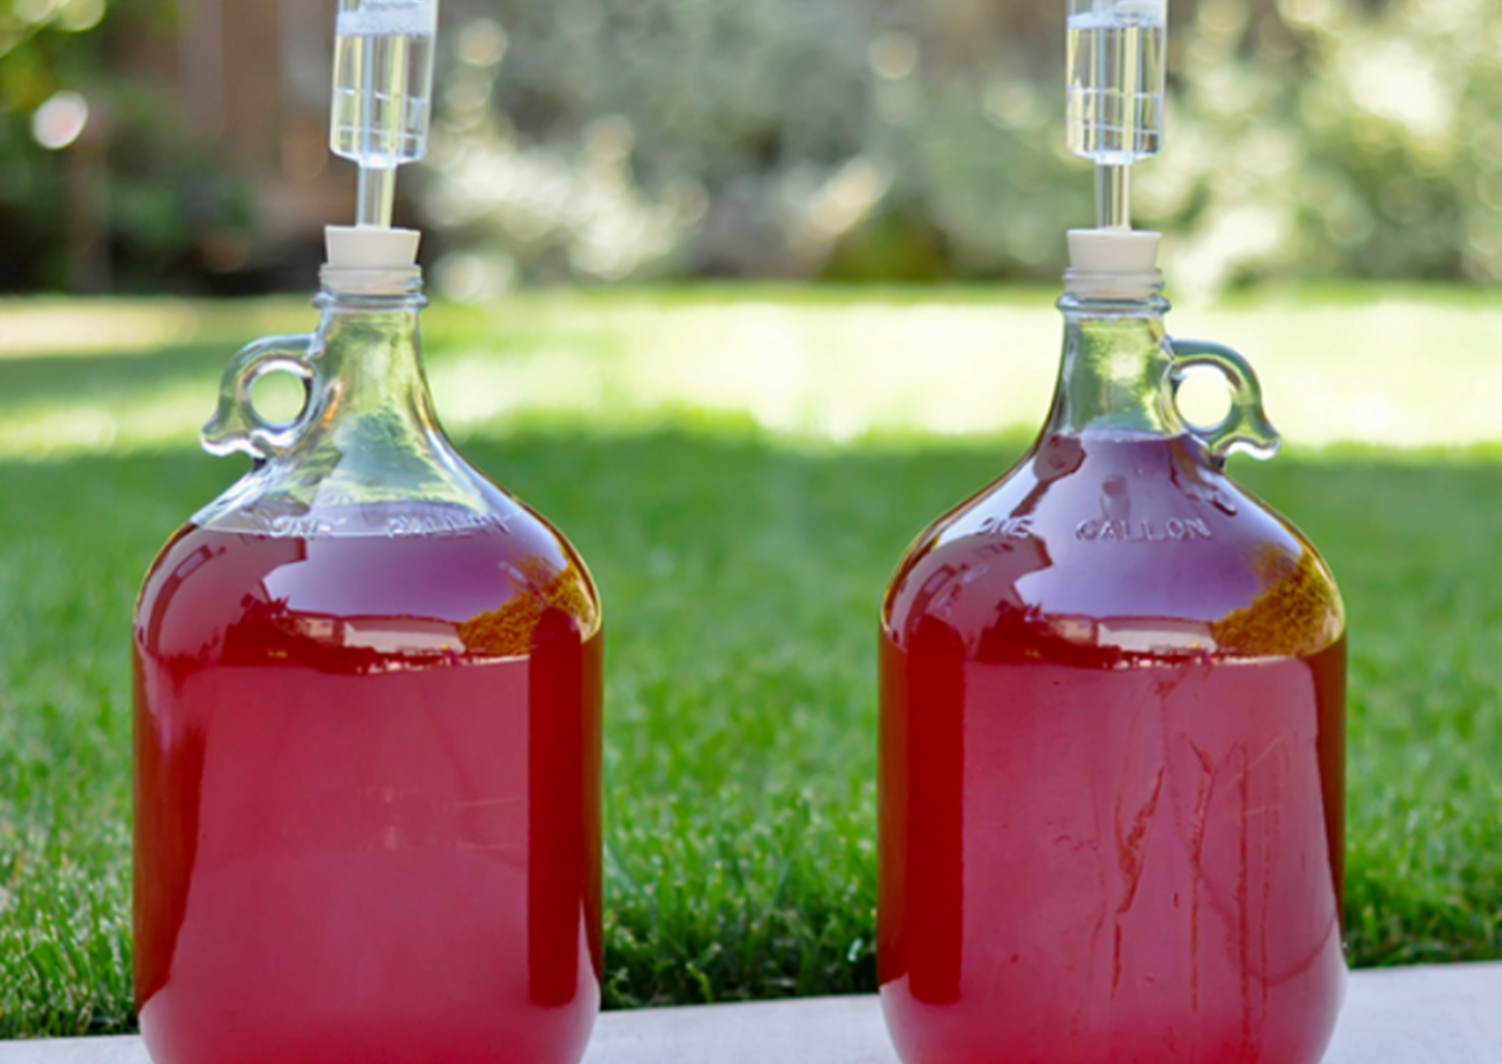 Брага из варенья: выбор и подготовка ингредиентов, пошаговая инструкция по приготовлению браги